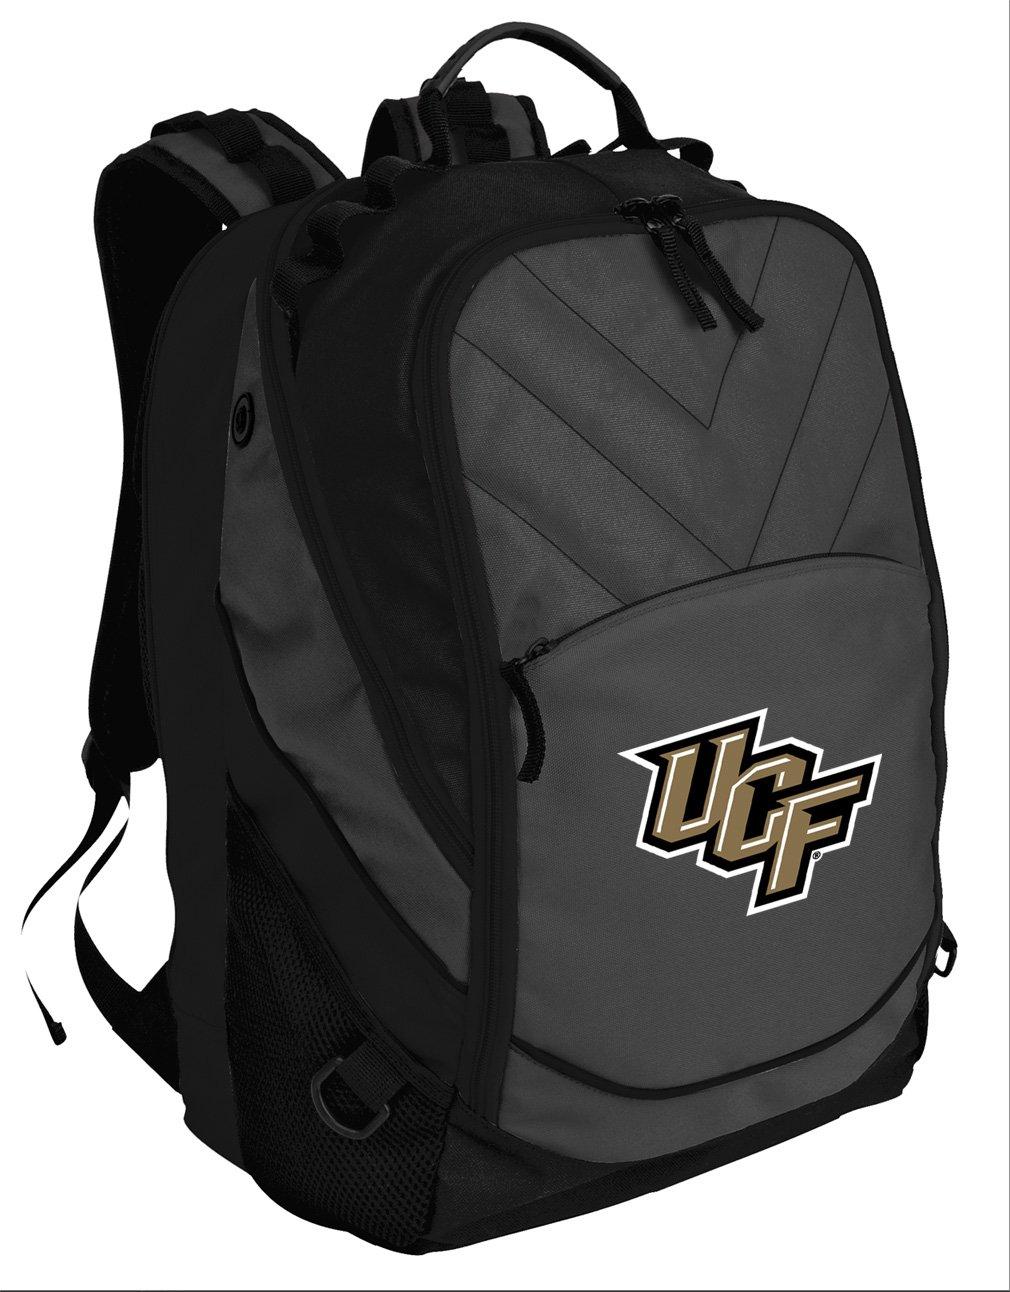 Broad Bay BEST University of Central Florida Backpack Laptop Computer Bag